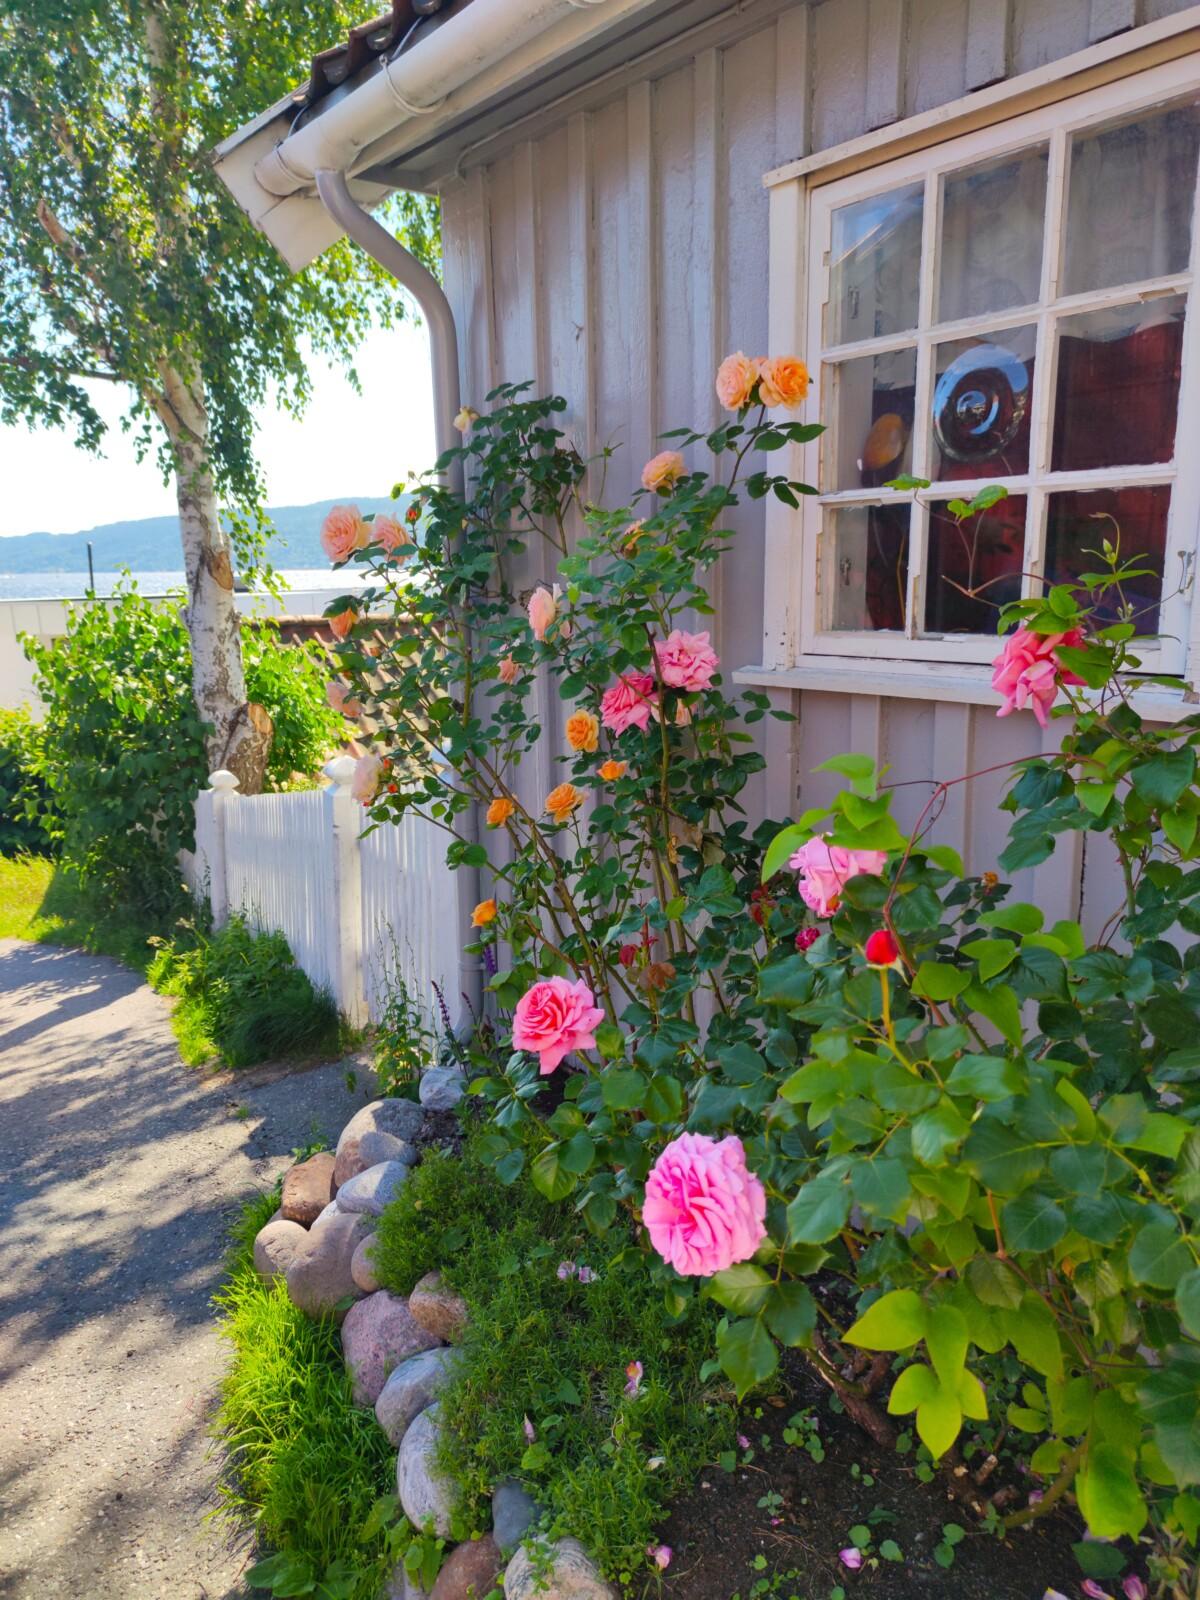 blogg-mindag-stil-mote-trend-foto-fotografier-bilder-natur-sjø-strand-drøbak-slush-sommer-hav-blomster-utsikt-balkong-mat-fiksekaker-isalicious1-isalicious-isalicious.blogg.no